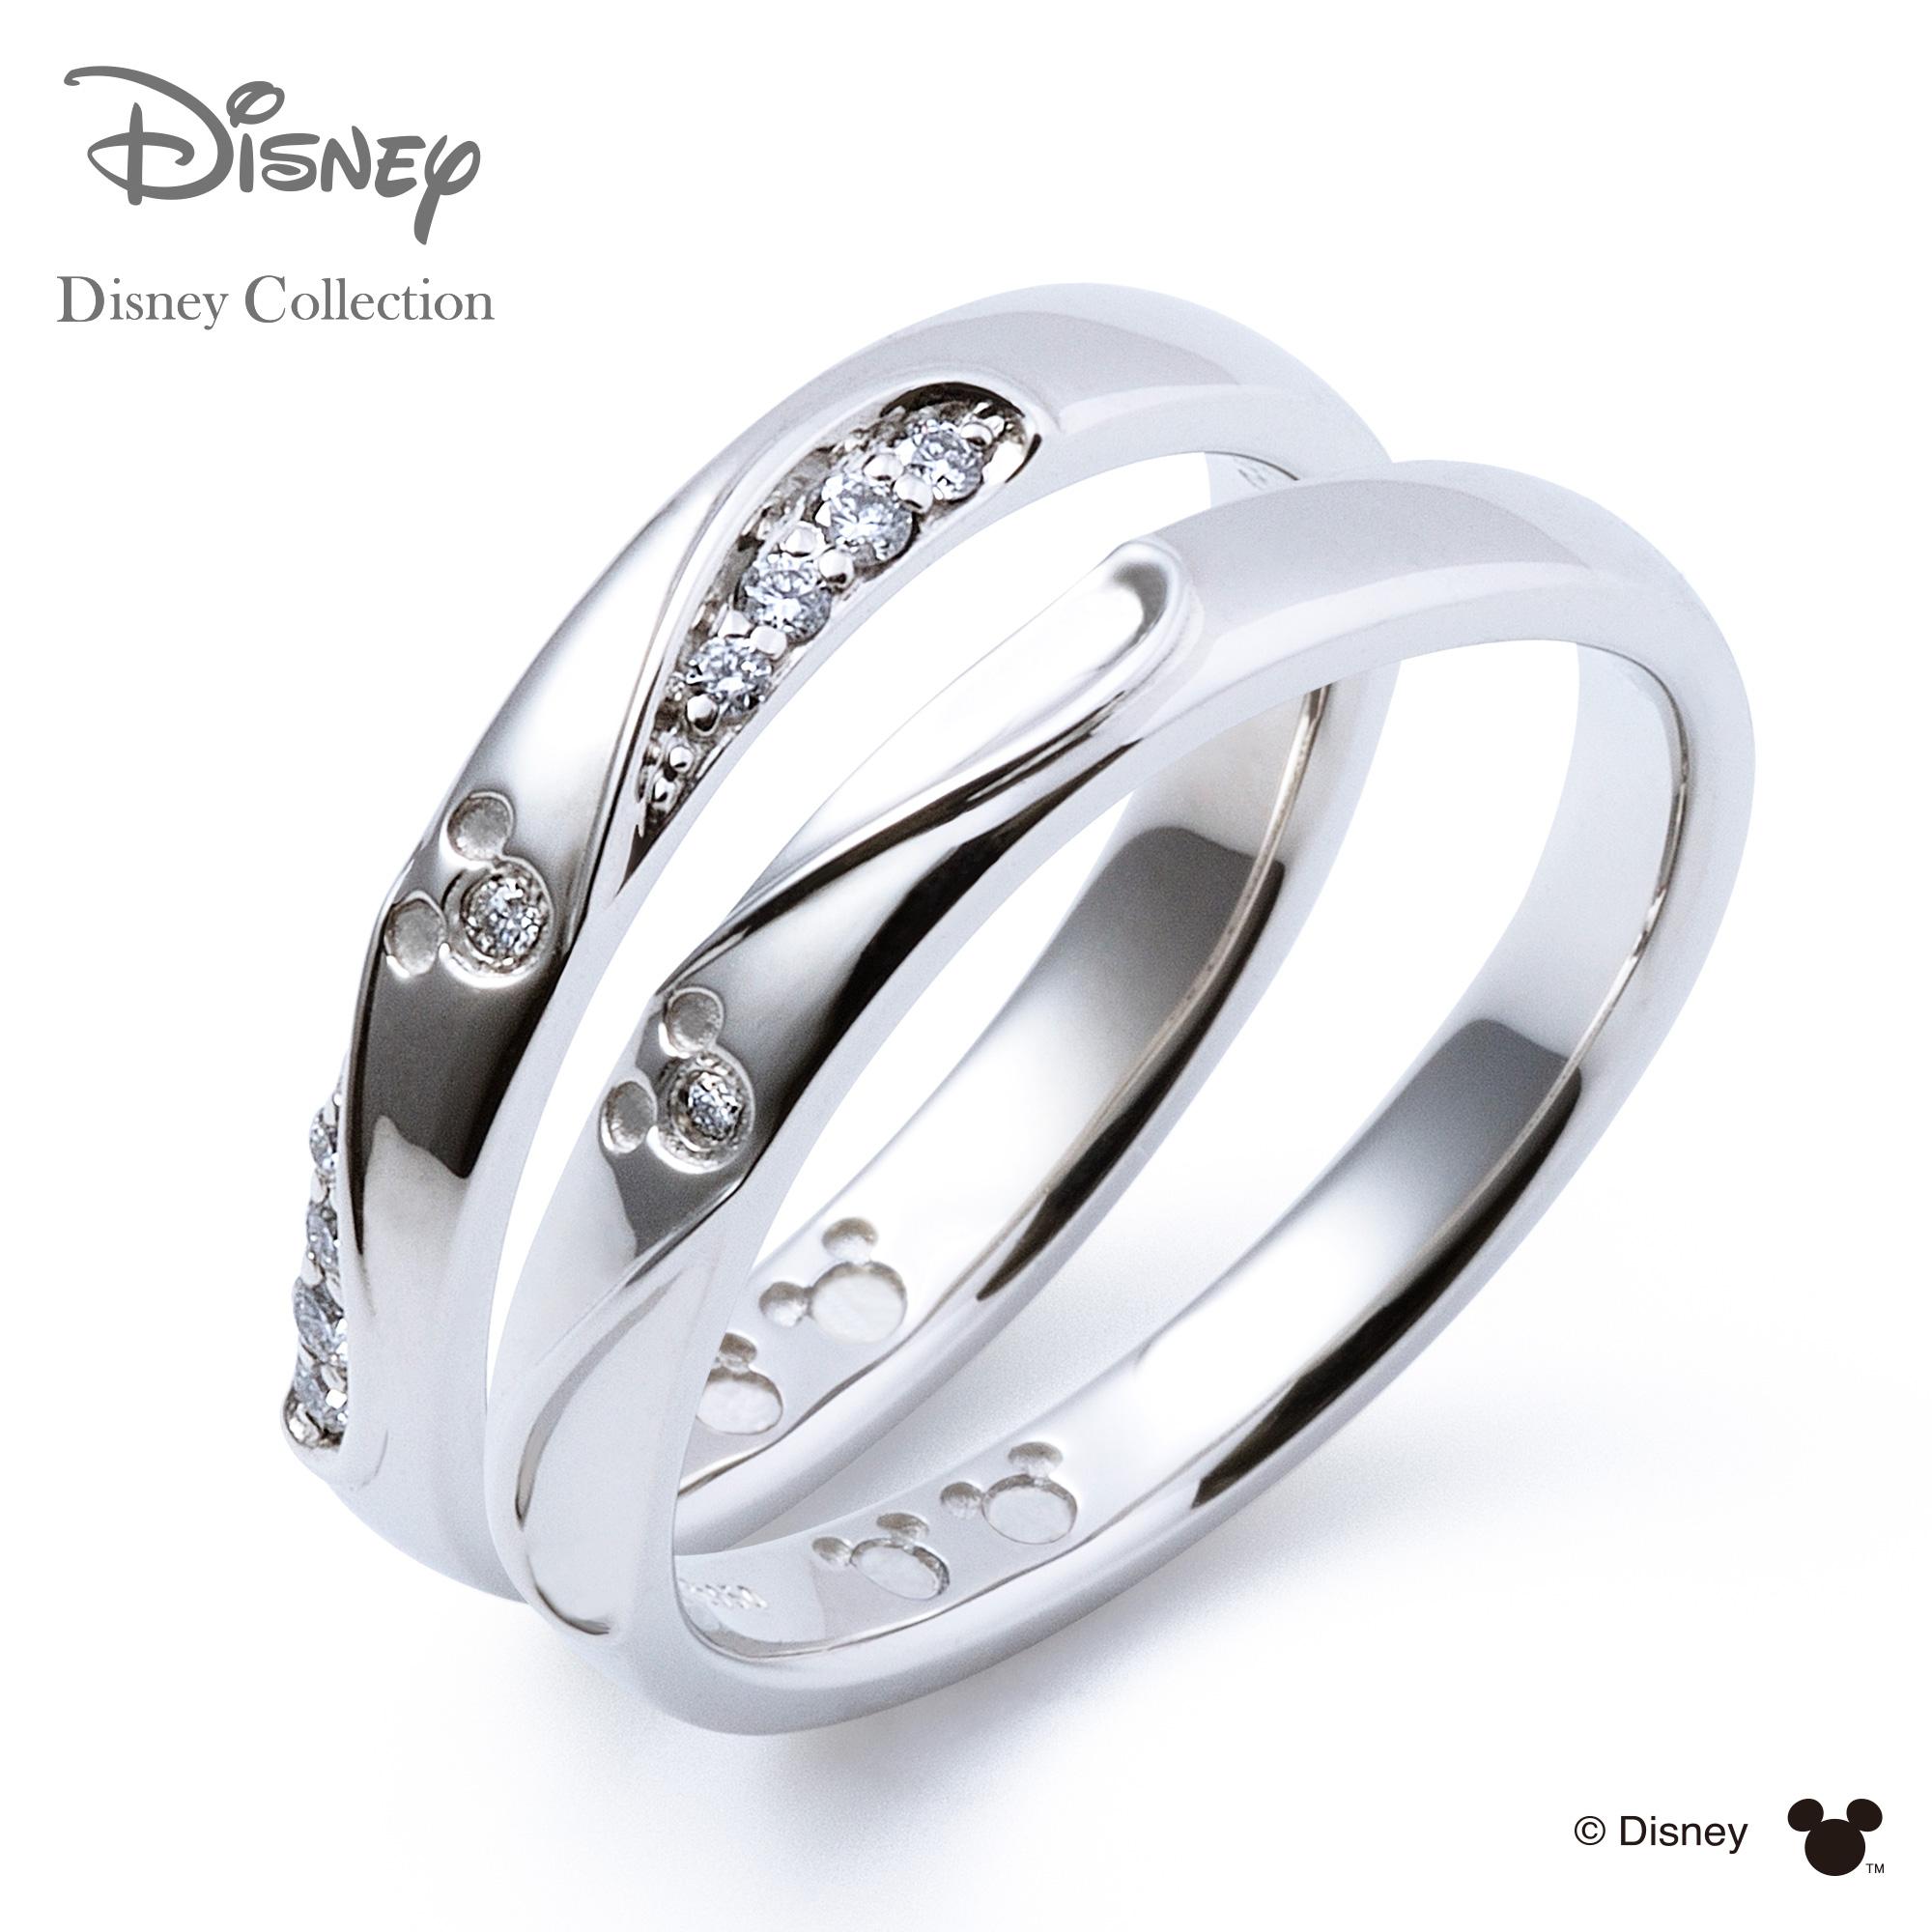 【刻印可_14文字】【ディズニーコレクション】 ディズニー / プラチナ マリッジ リング 結婚指輪 / 隠れミッキーマウス / ペアリング THE KISS リング・指輪 DI-7061104531-7061104541 セット シンプル ザキス 【送料無料】